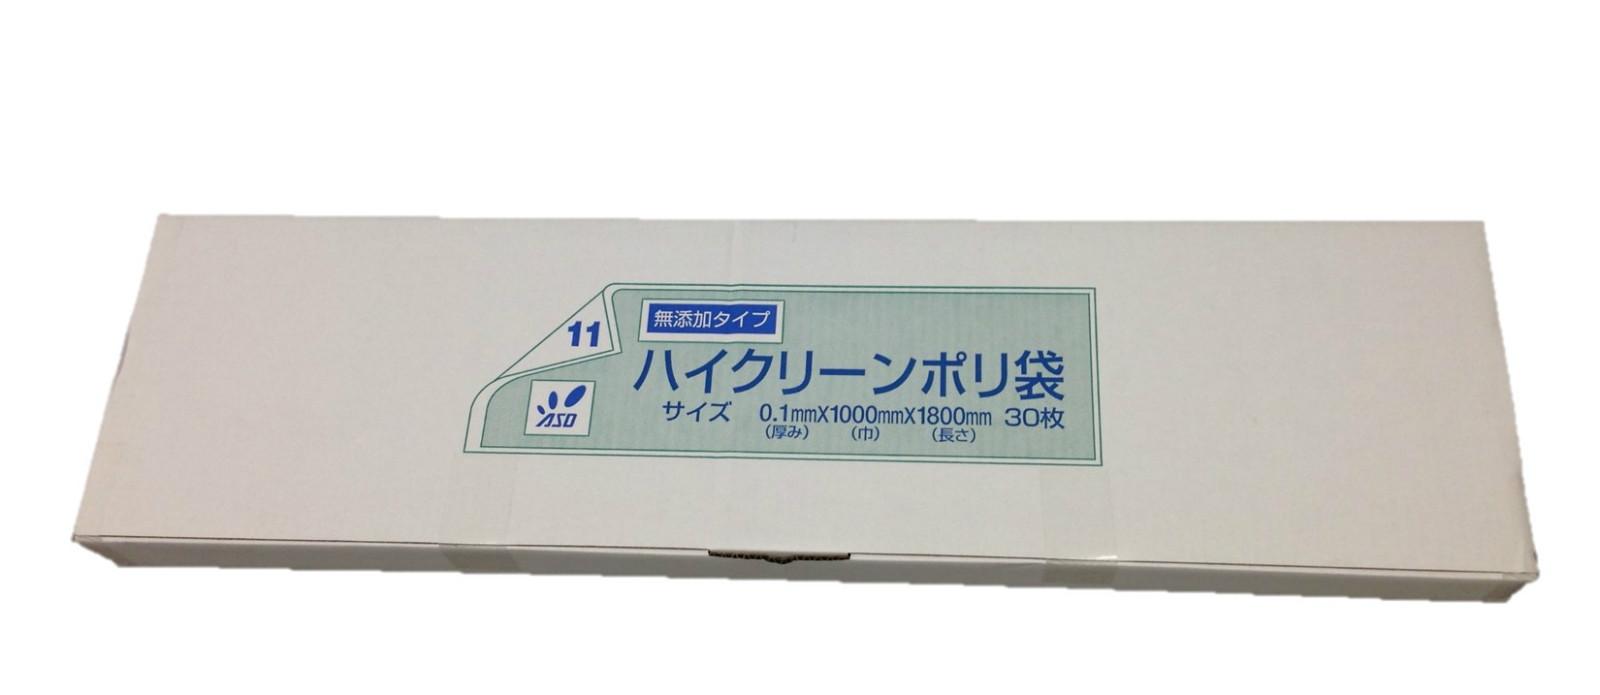 ハイクリーンポリ規格袋11号(30枚入り)厚み0.1mm×幅1000mm×長さ1800mm(クリーン クリーンポリ袋 規格袋 透明)●袋屋本舗